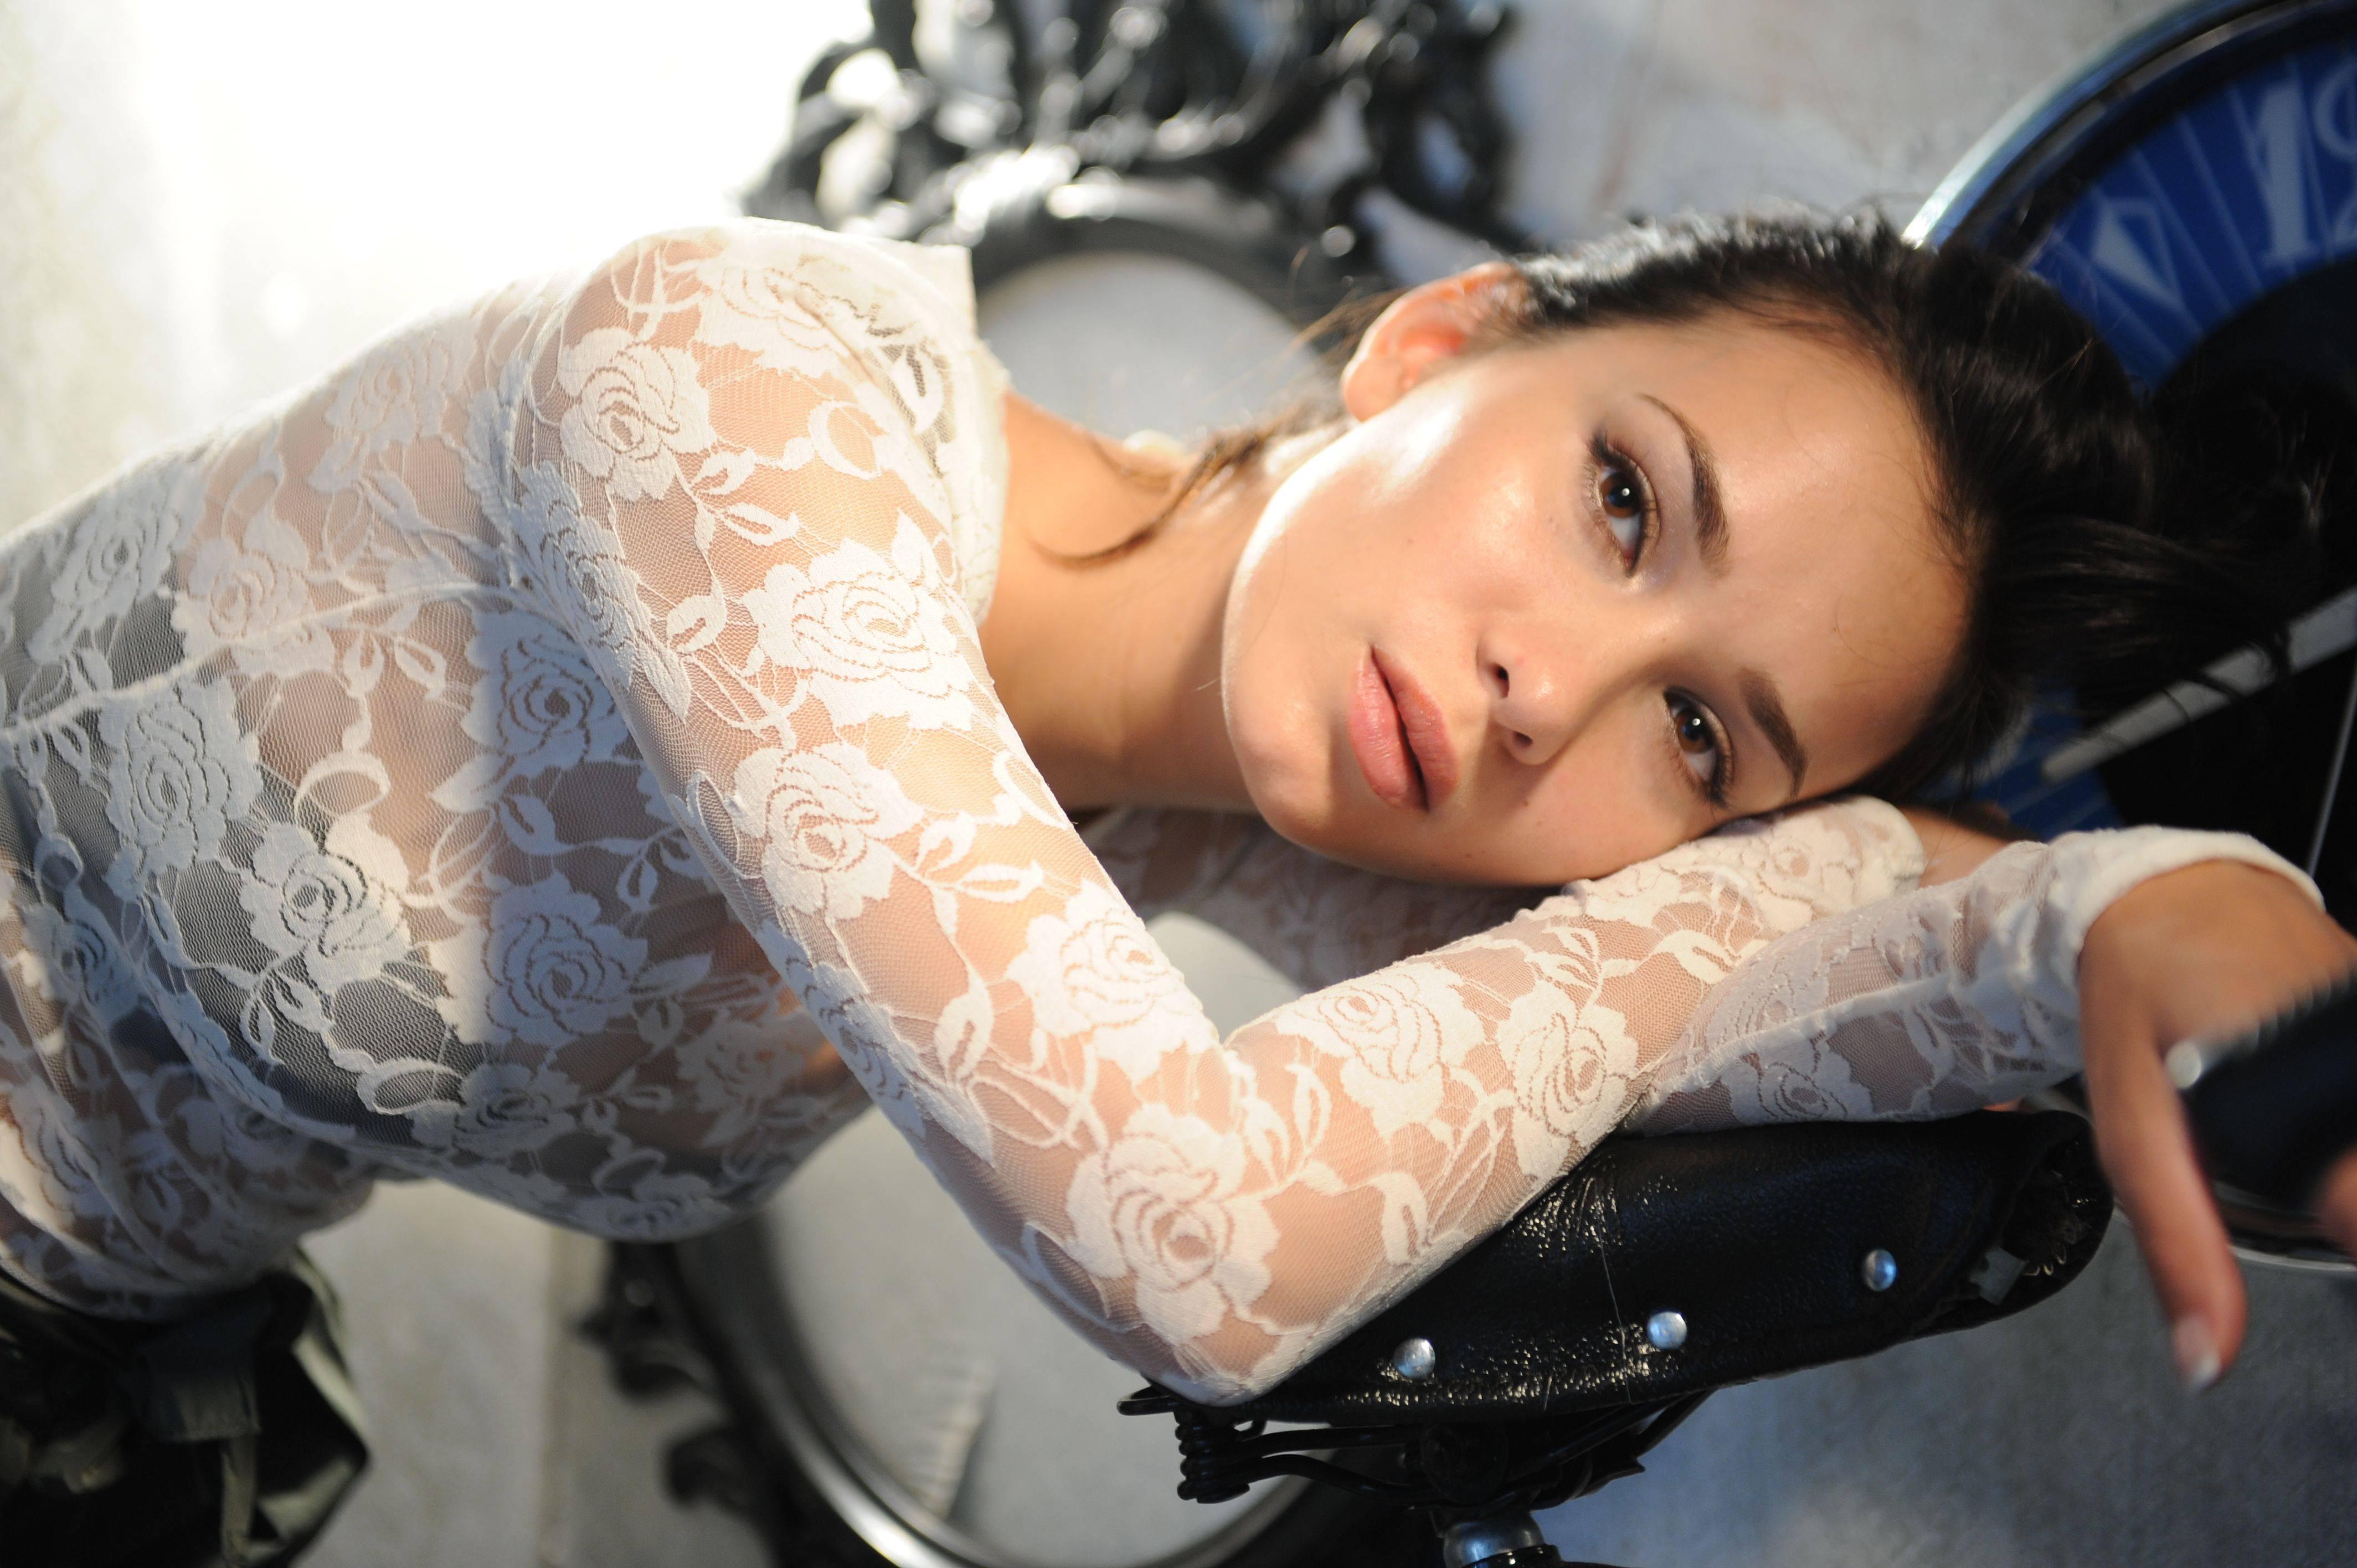 Celina Jade 4k, HD Celebrities, 4k Wallpapers, Images ...